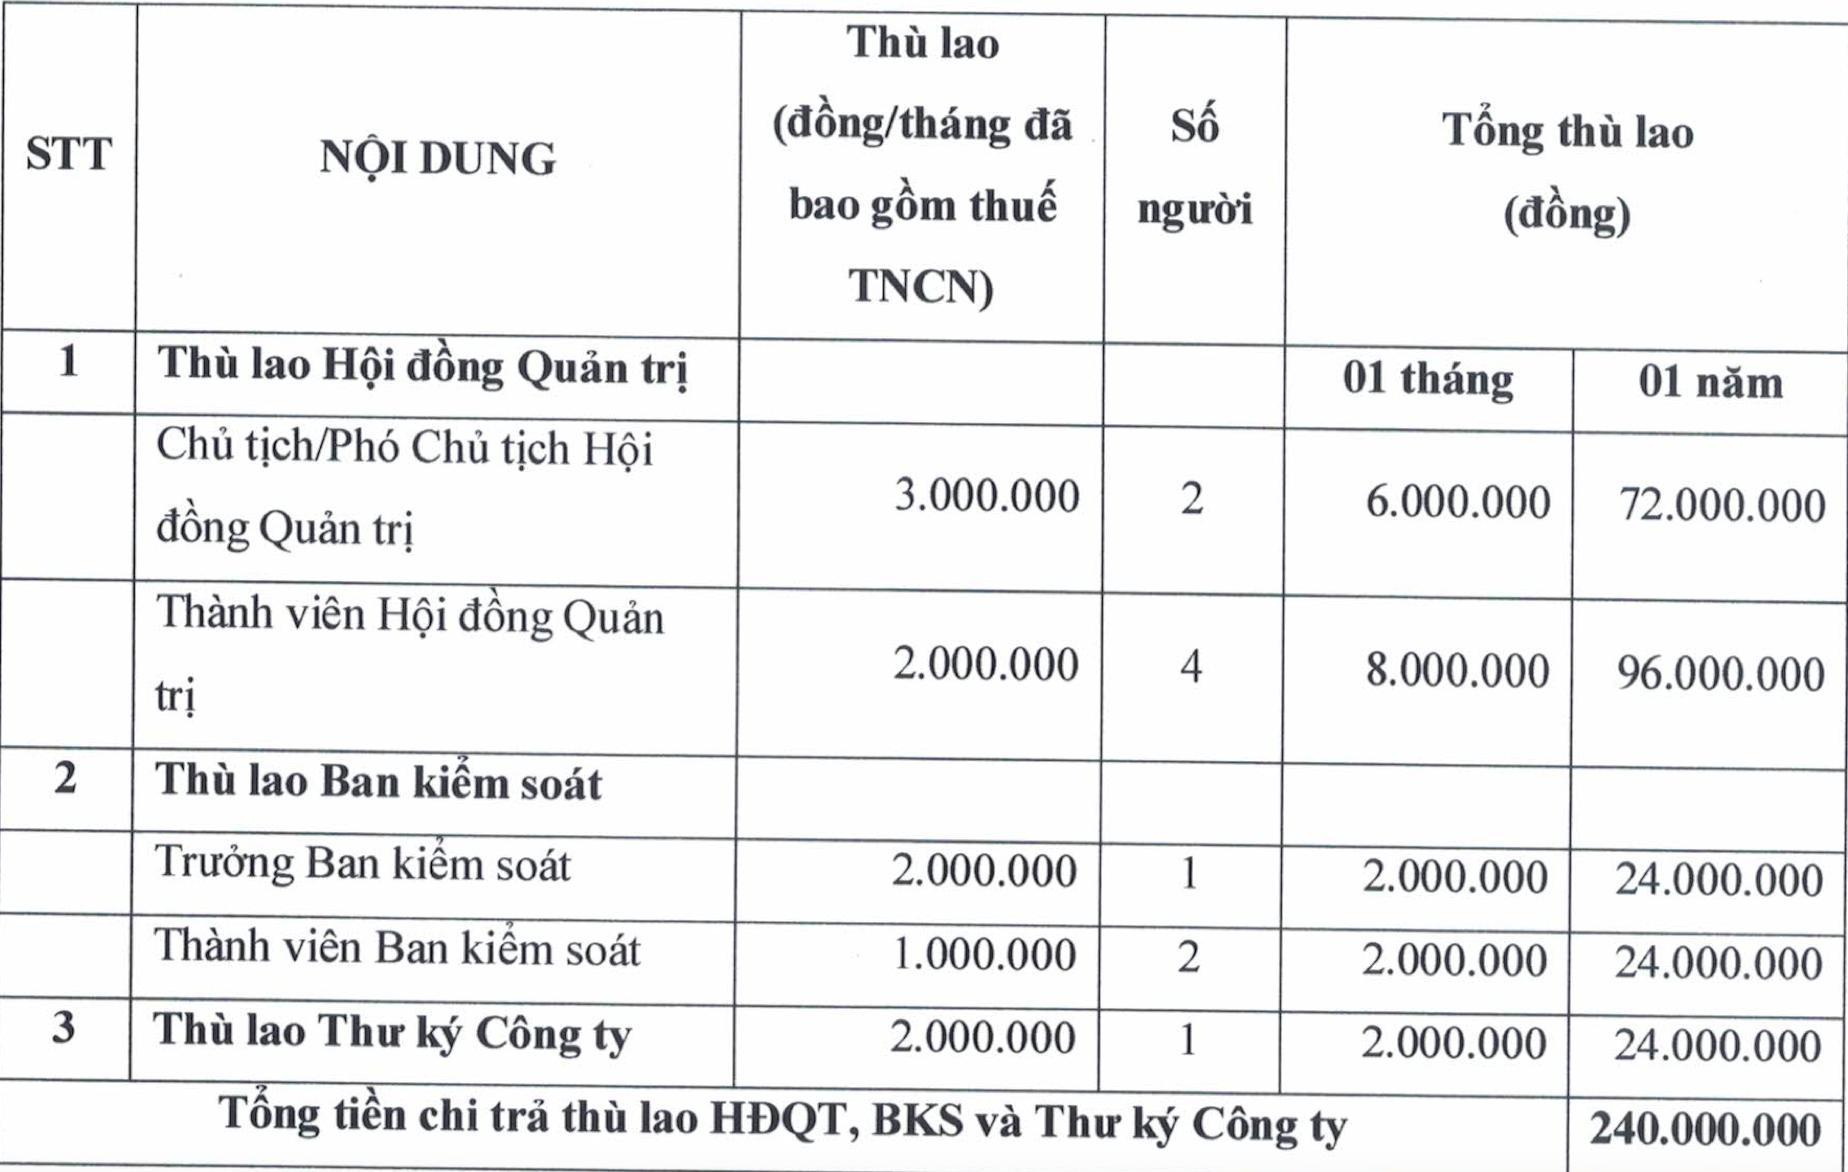 Hệ sinh thái DN Nguyễn Khải Hoàn: Vốn điều lệ nghìn tỷ nhưng doanh thu 0 đồng, lương Ban kiểm soát chỉ 2 triệu đồng/tháng - Ảnh 1.